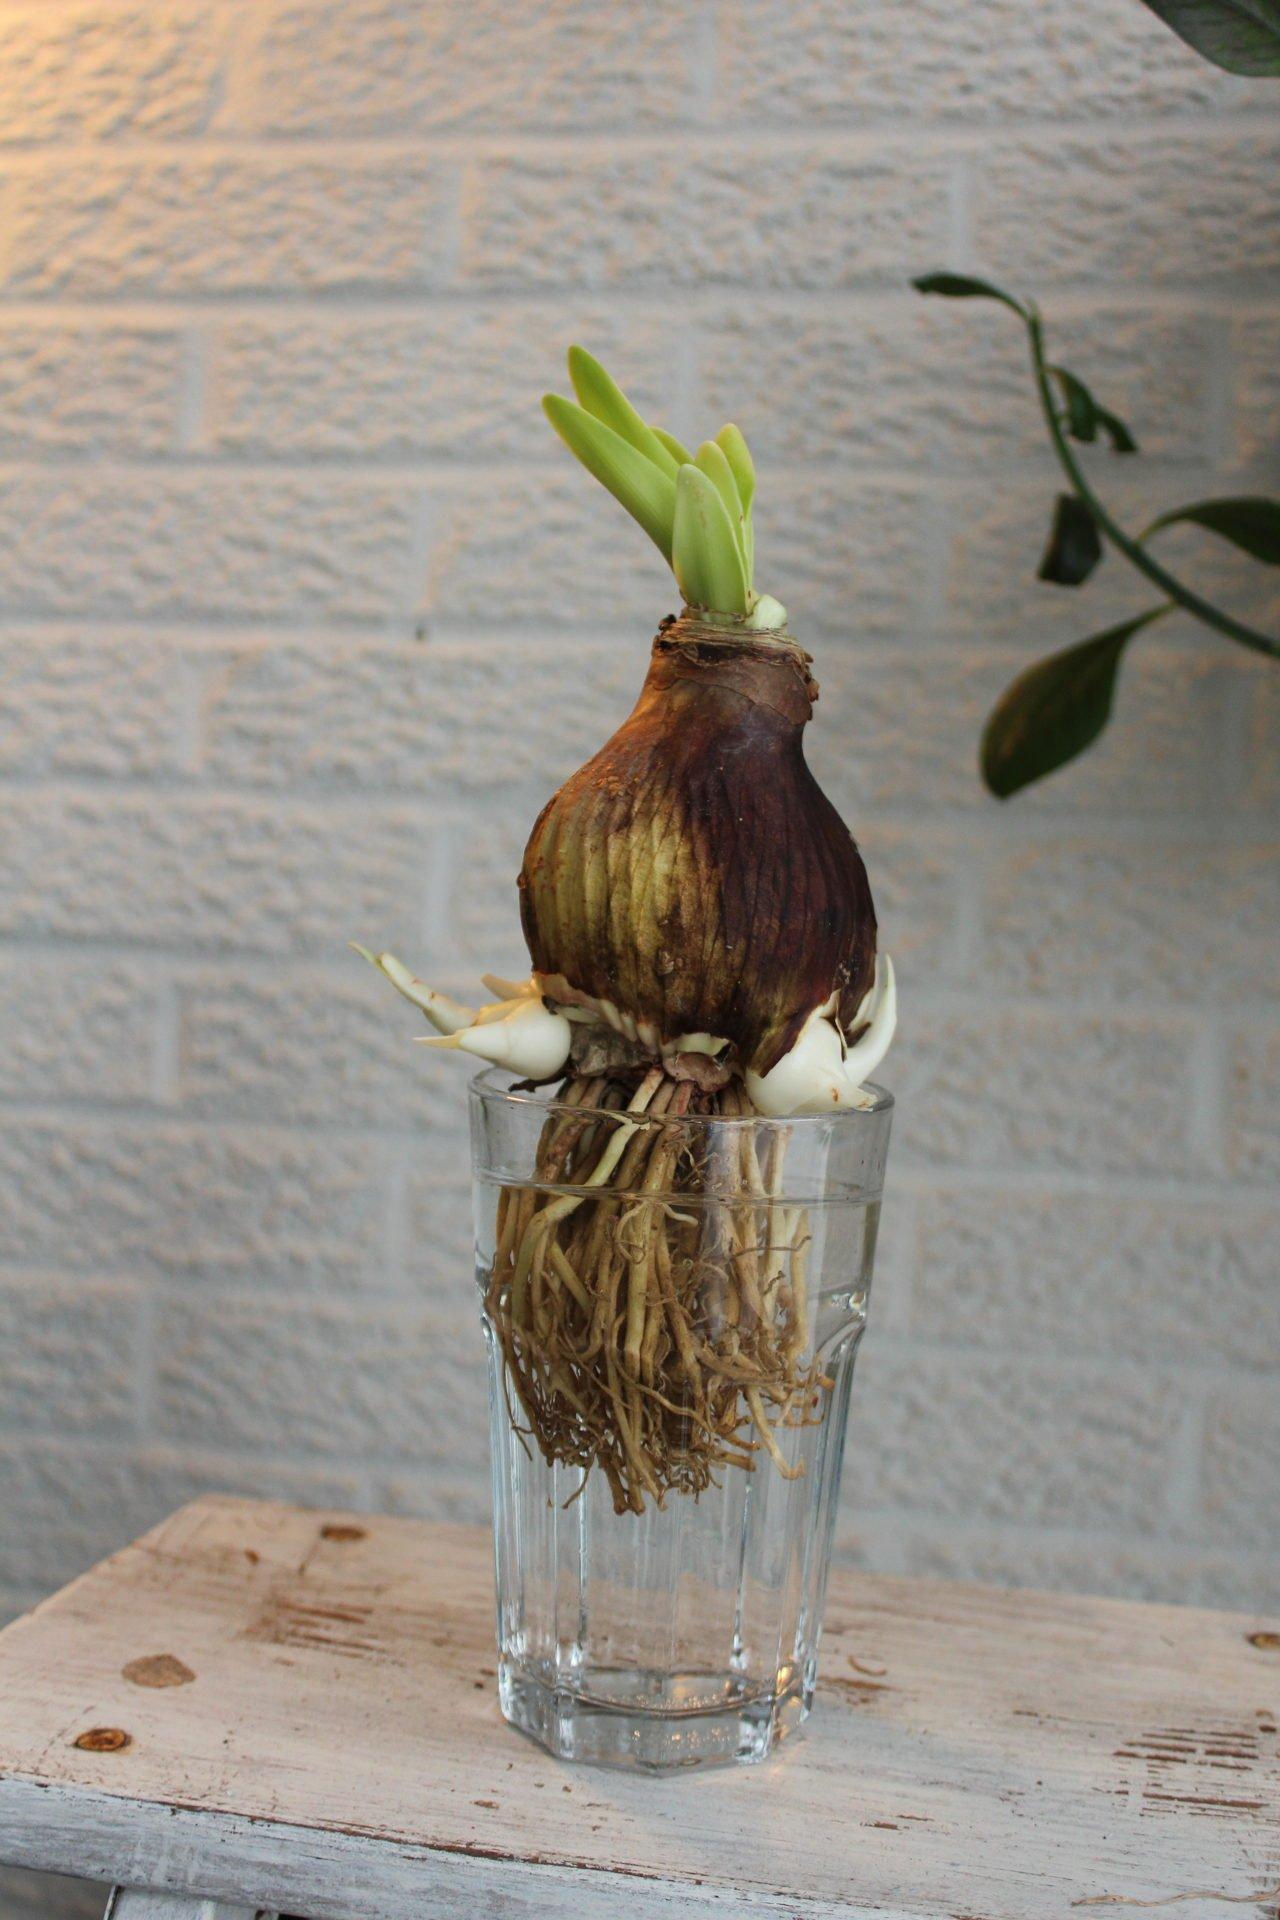 Amaryllis roots soaking